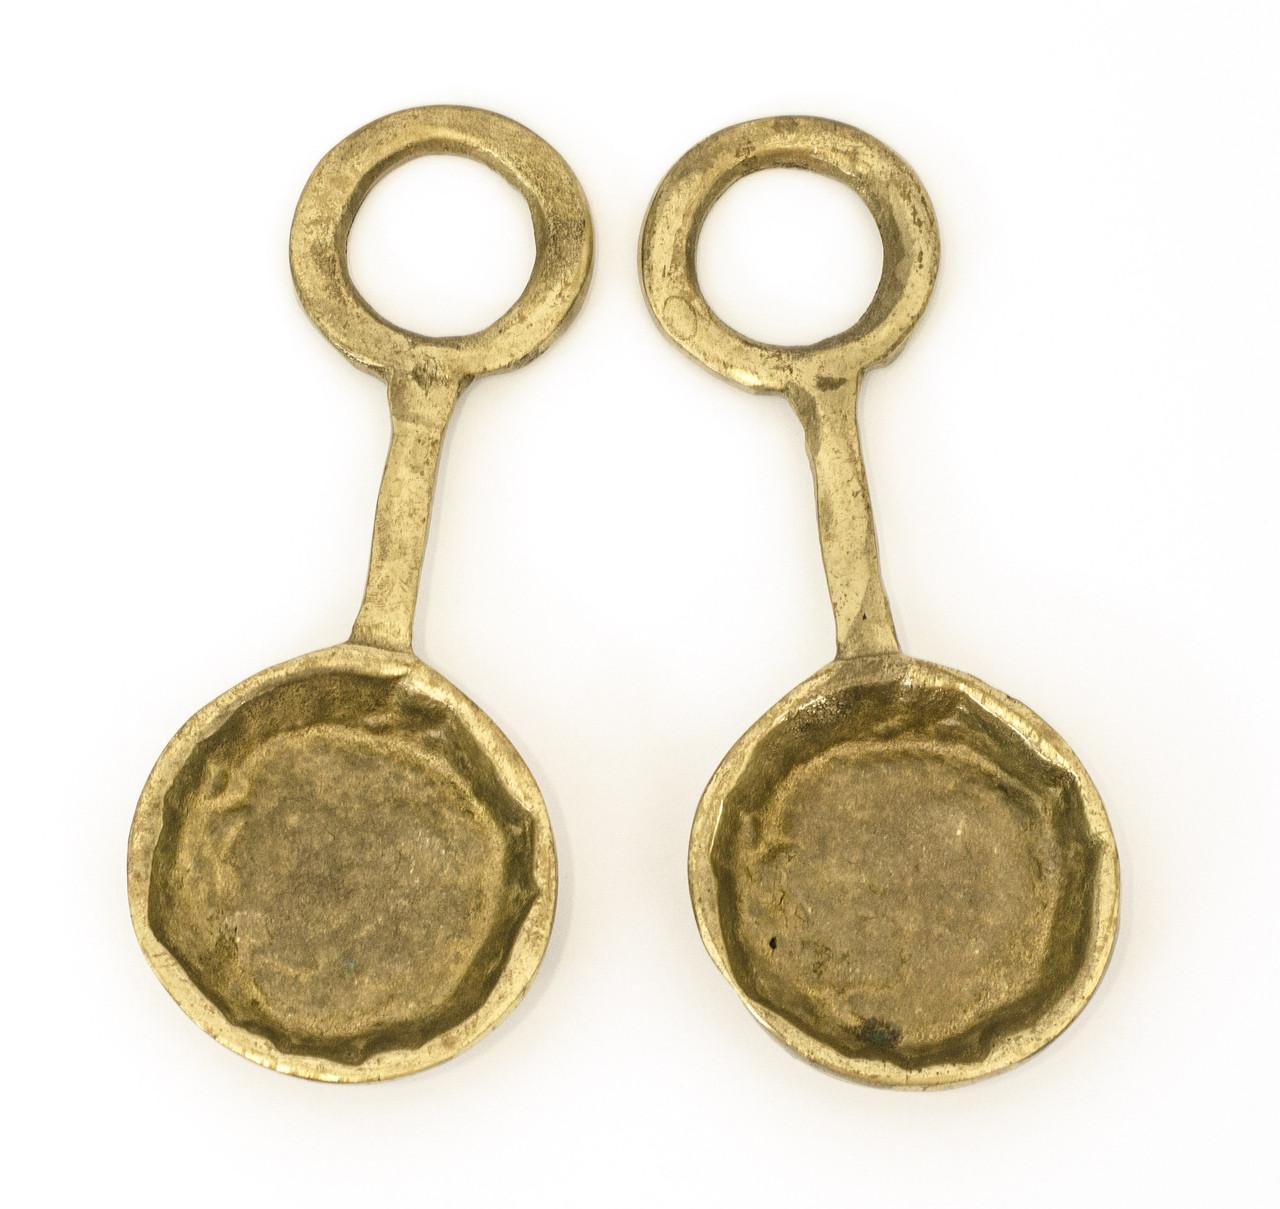 Две коллекционные декоративные ложки, бронза, декор